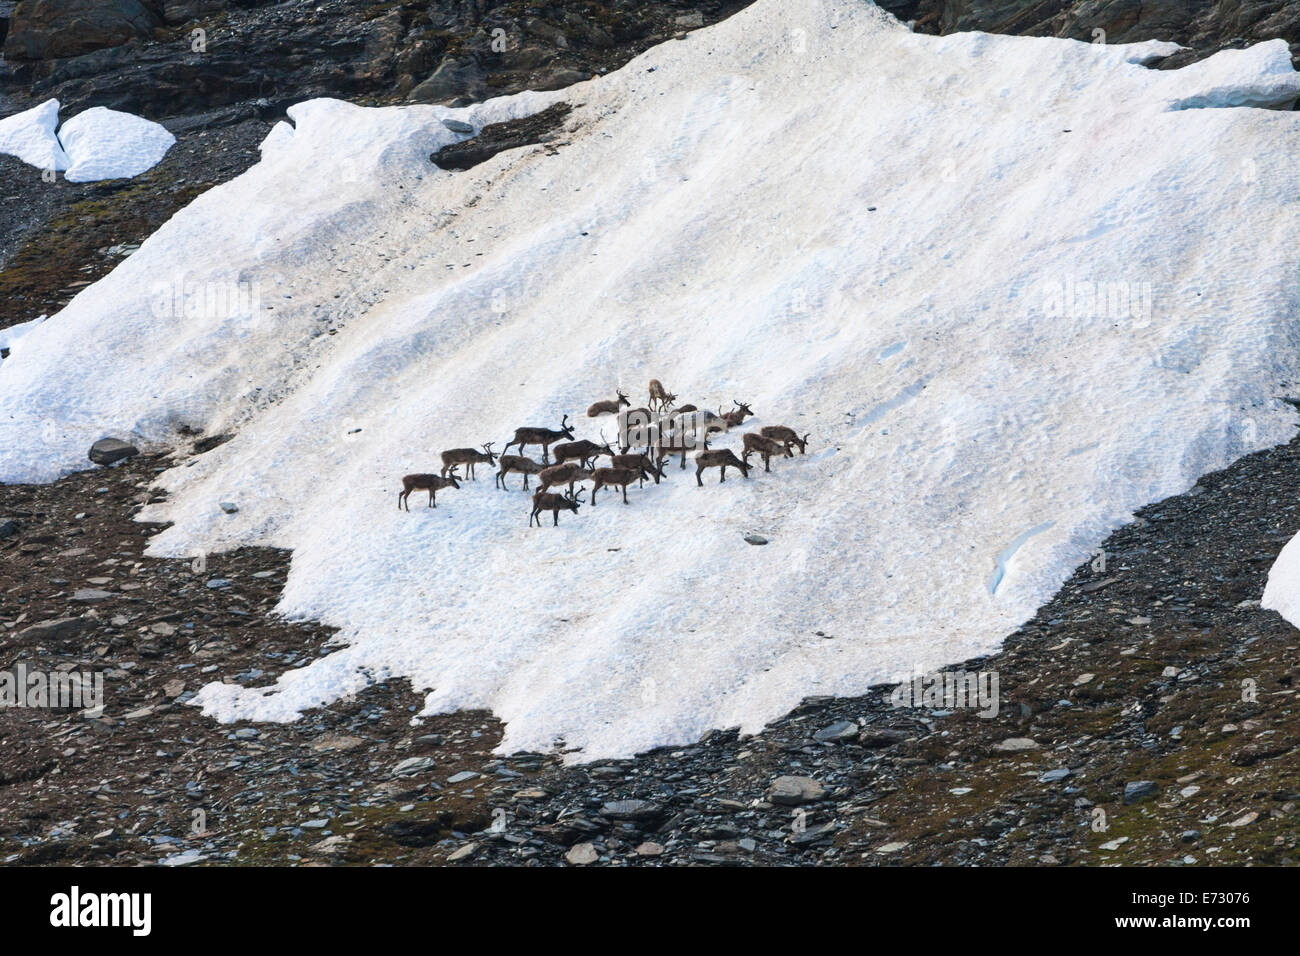 Los renos se ciernen sobre una mancha de nieve en verano a lo largo Kungsleden en el área de la montaña Imagen De Stock